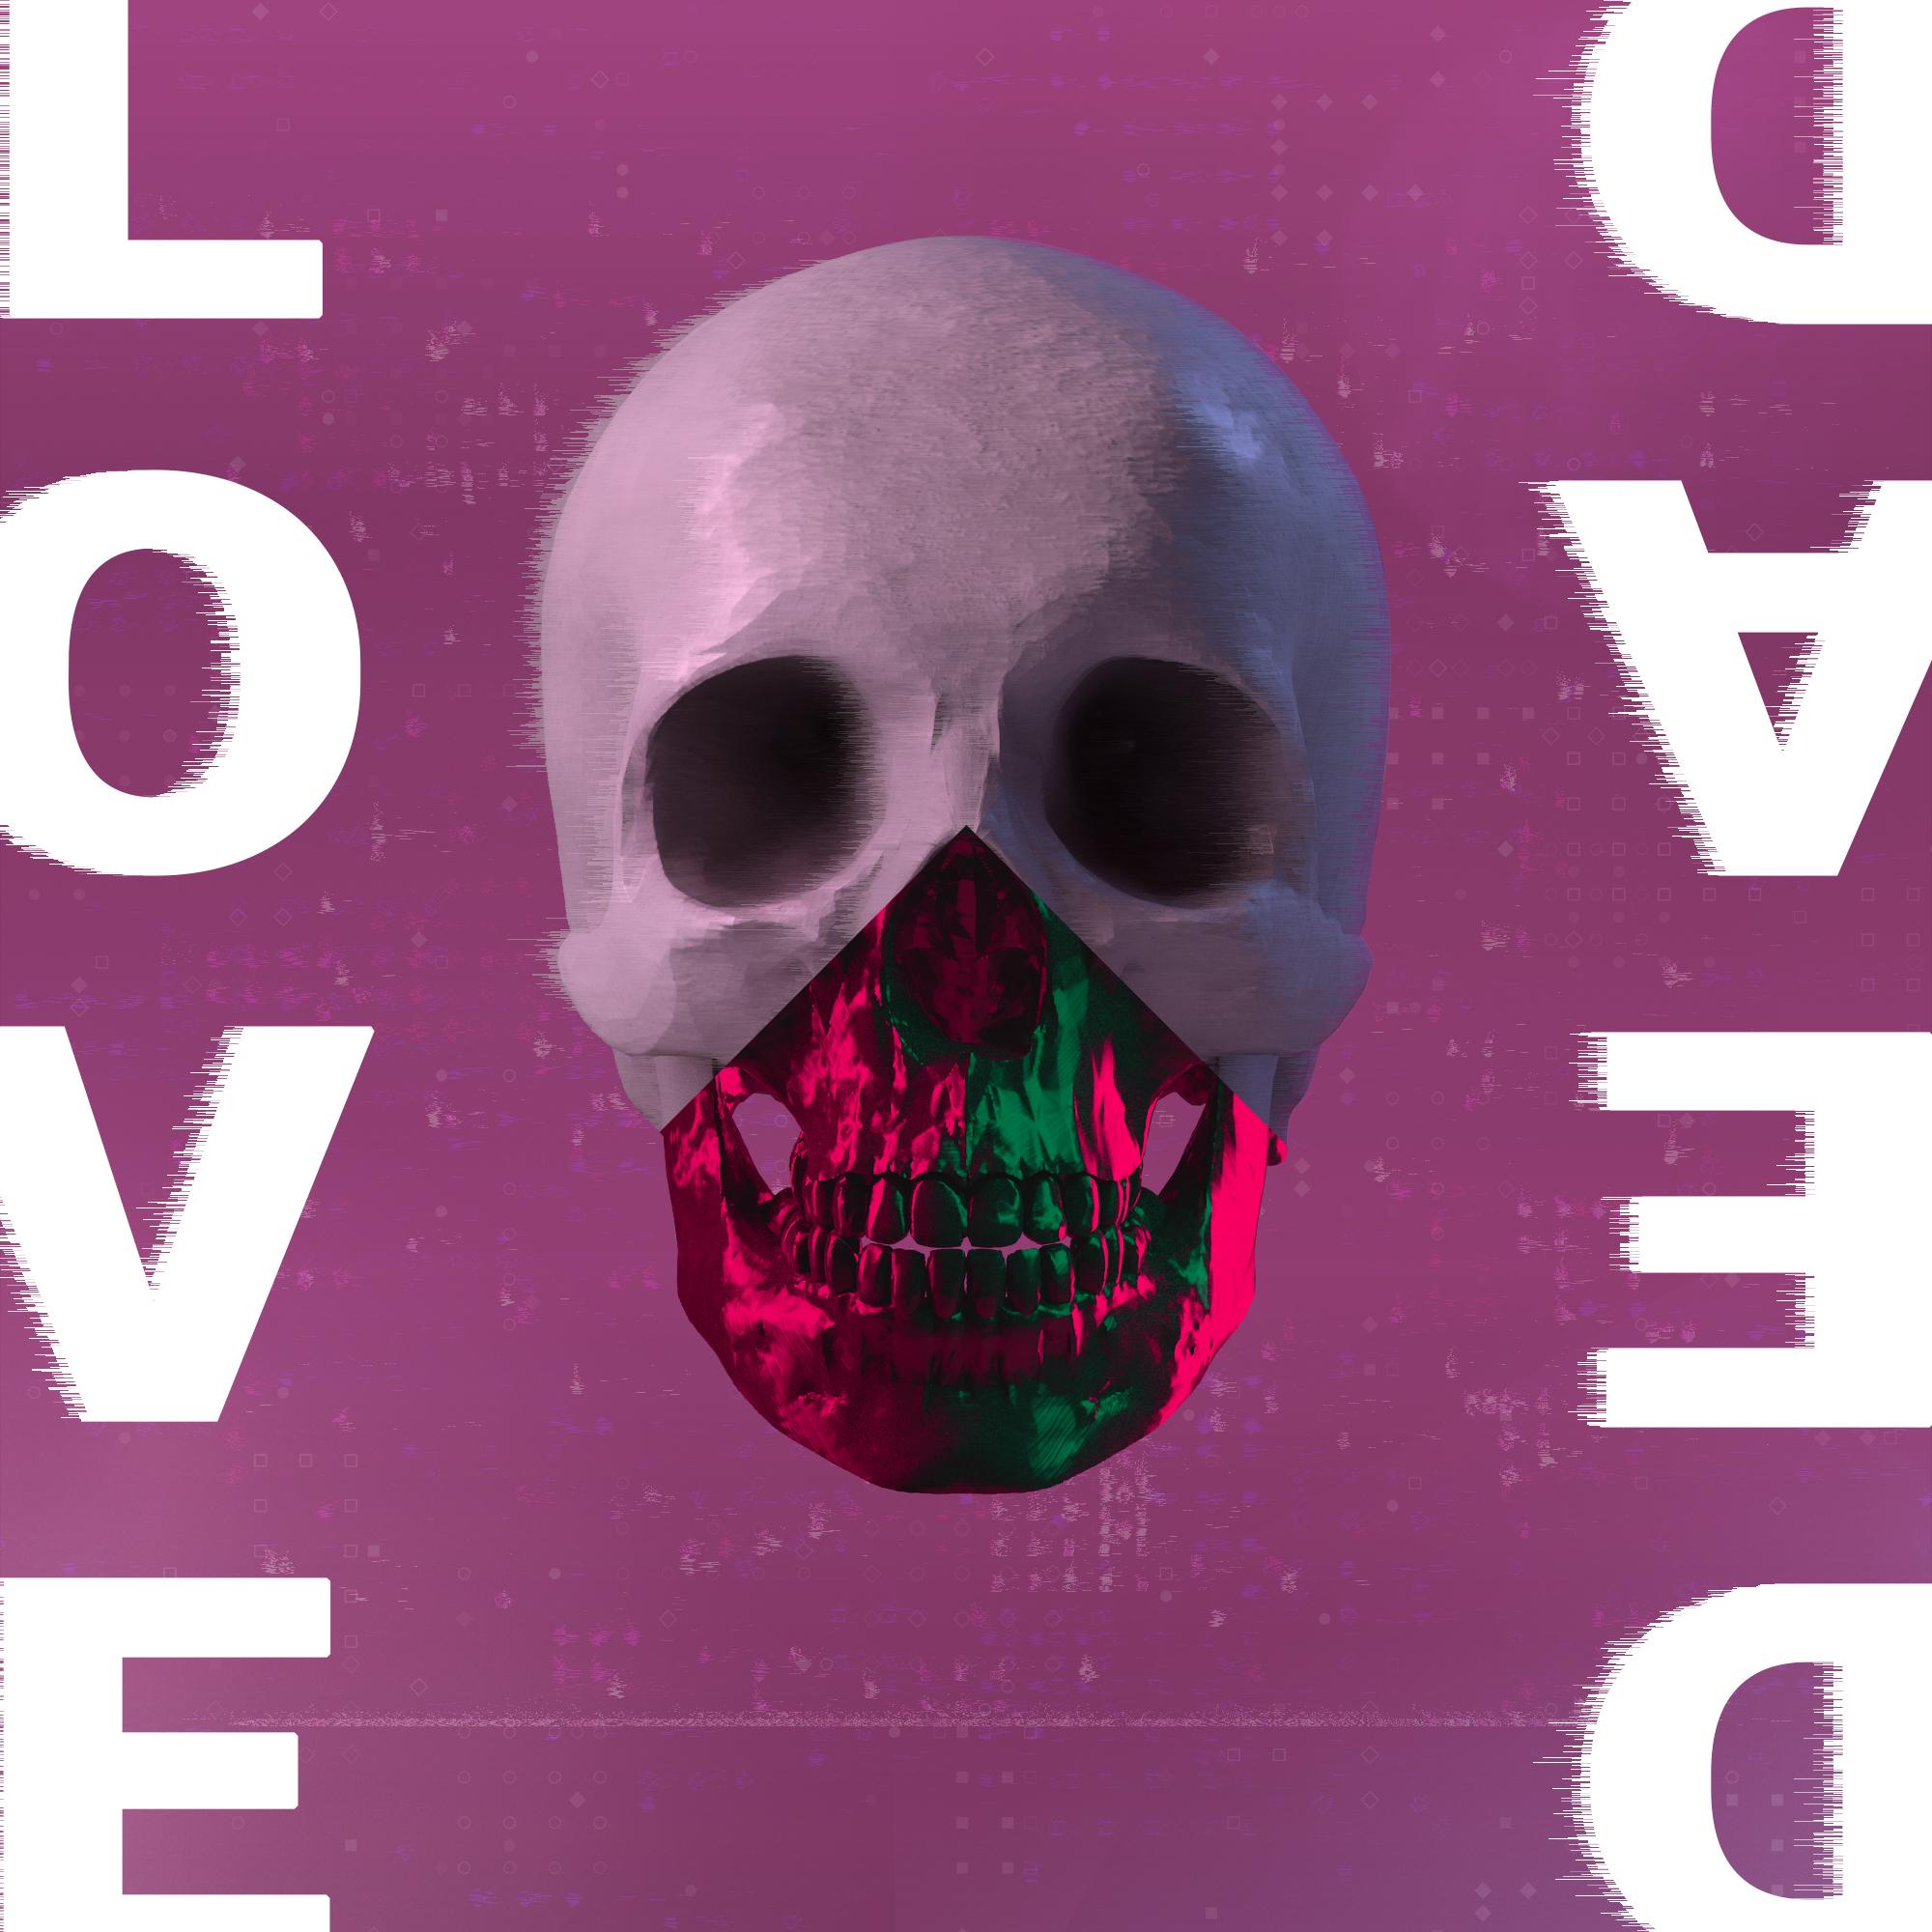 LoveIsdead2.jpg